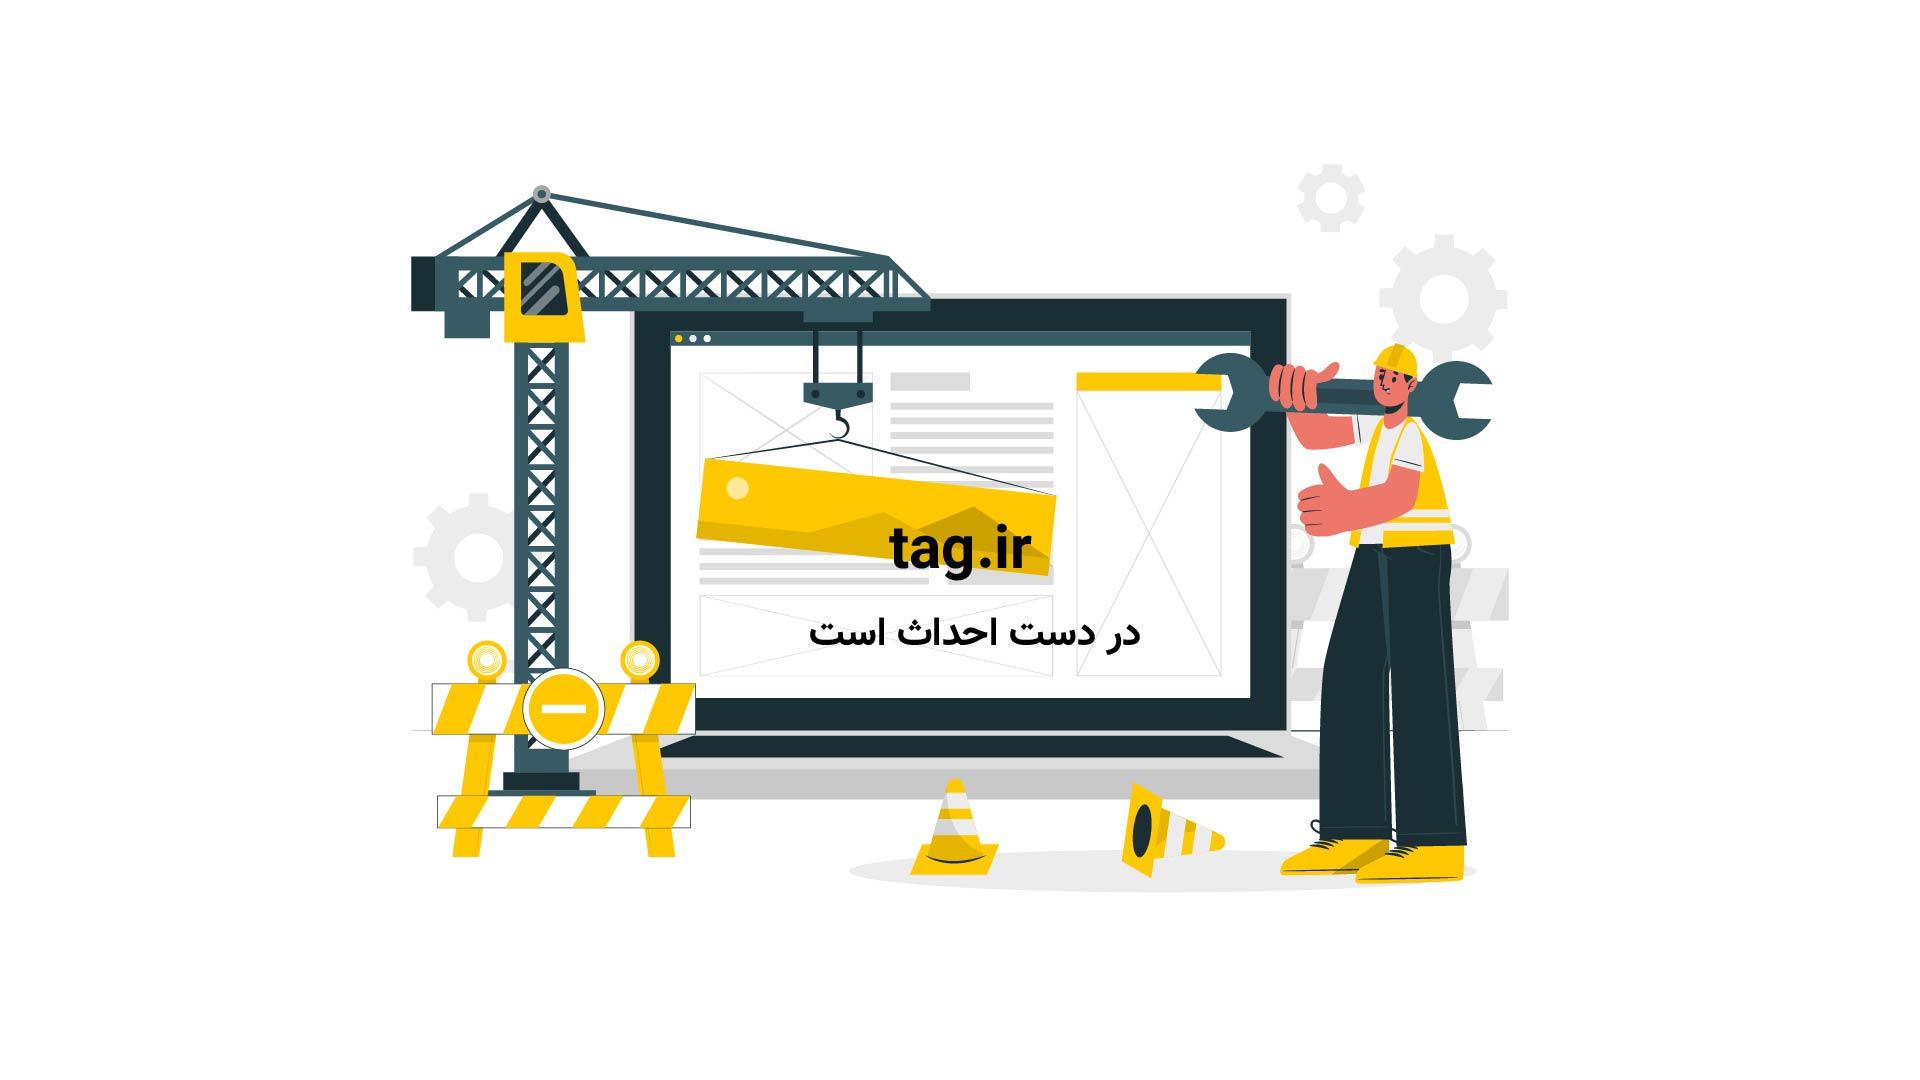 قلعه دولت آباد | تگ